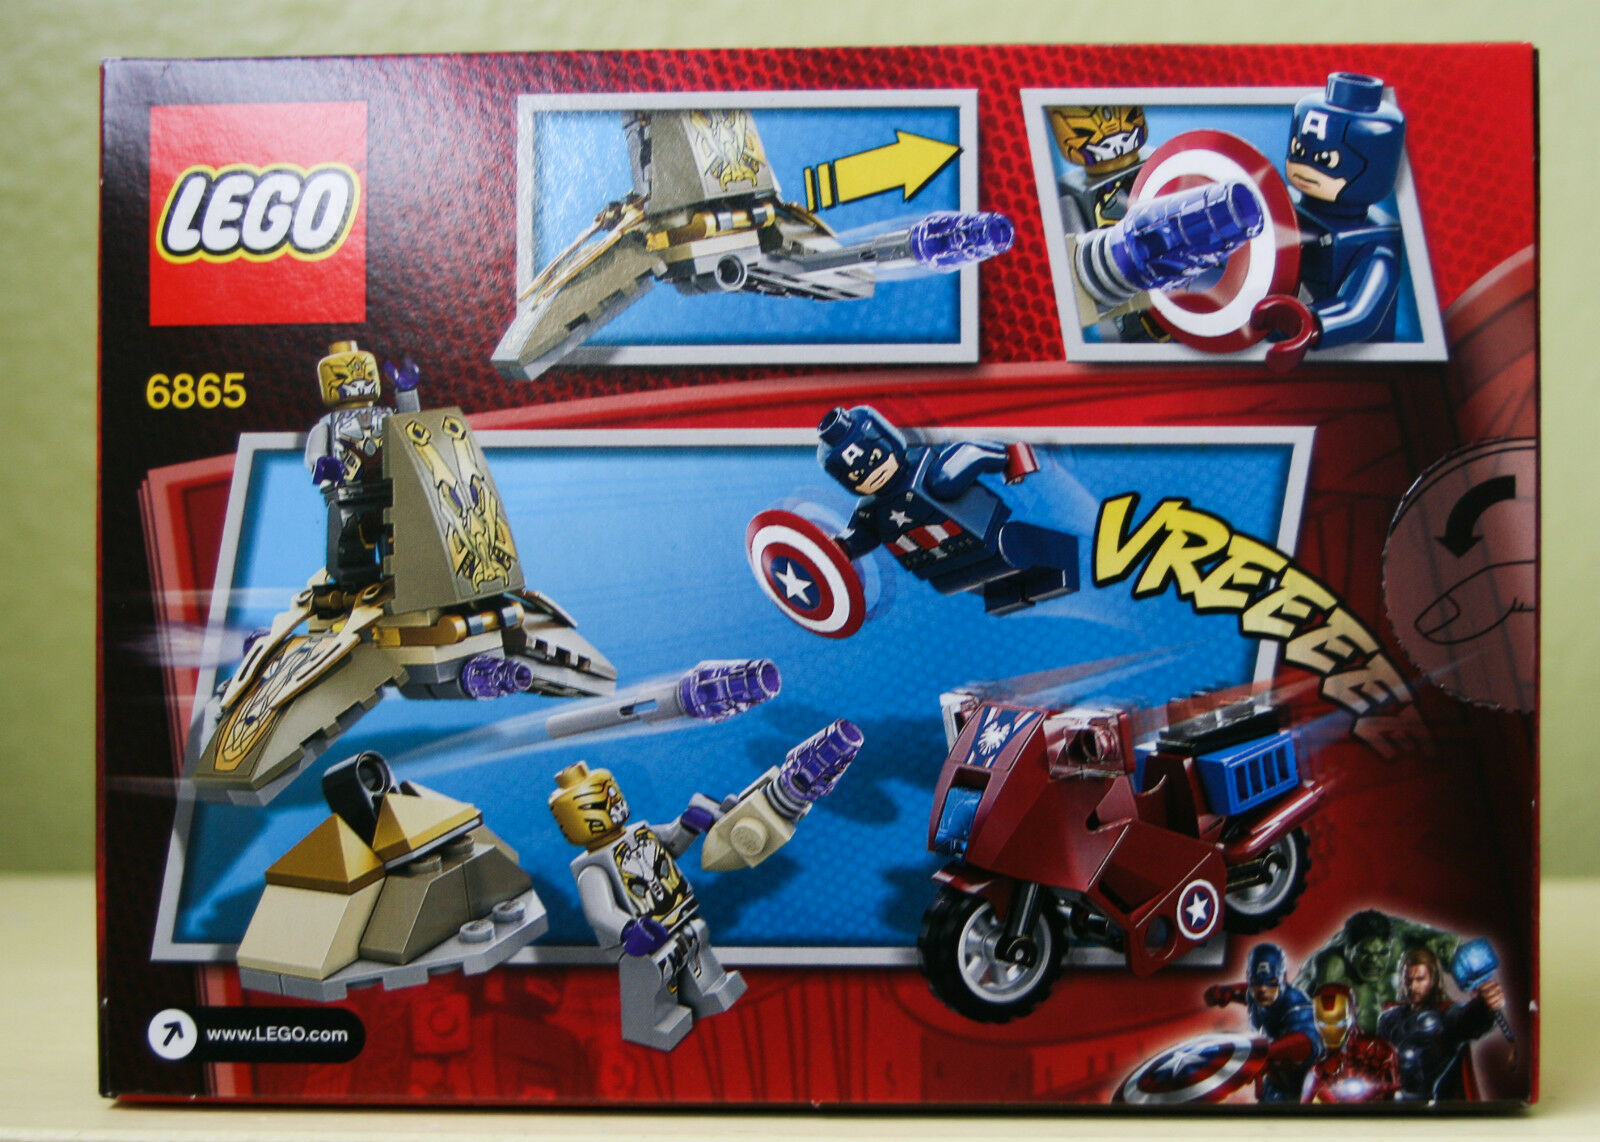 NEW LEGO MARVEL Avengers Super Heroes Captain America's America's America's Avenging Cycle 6865 cbd09b